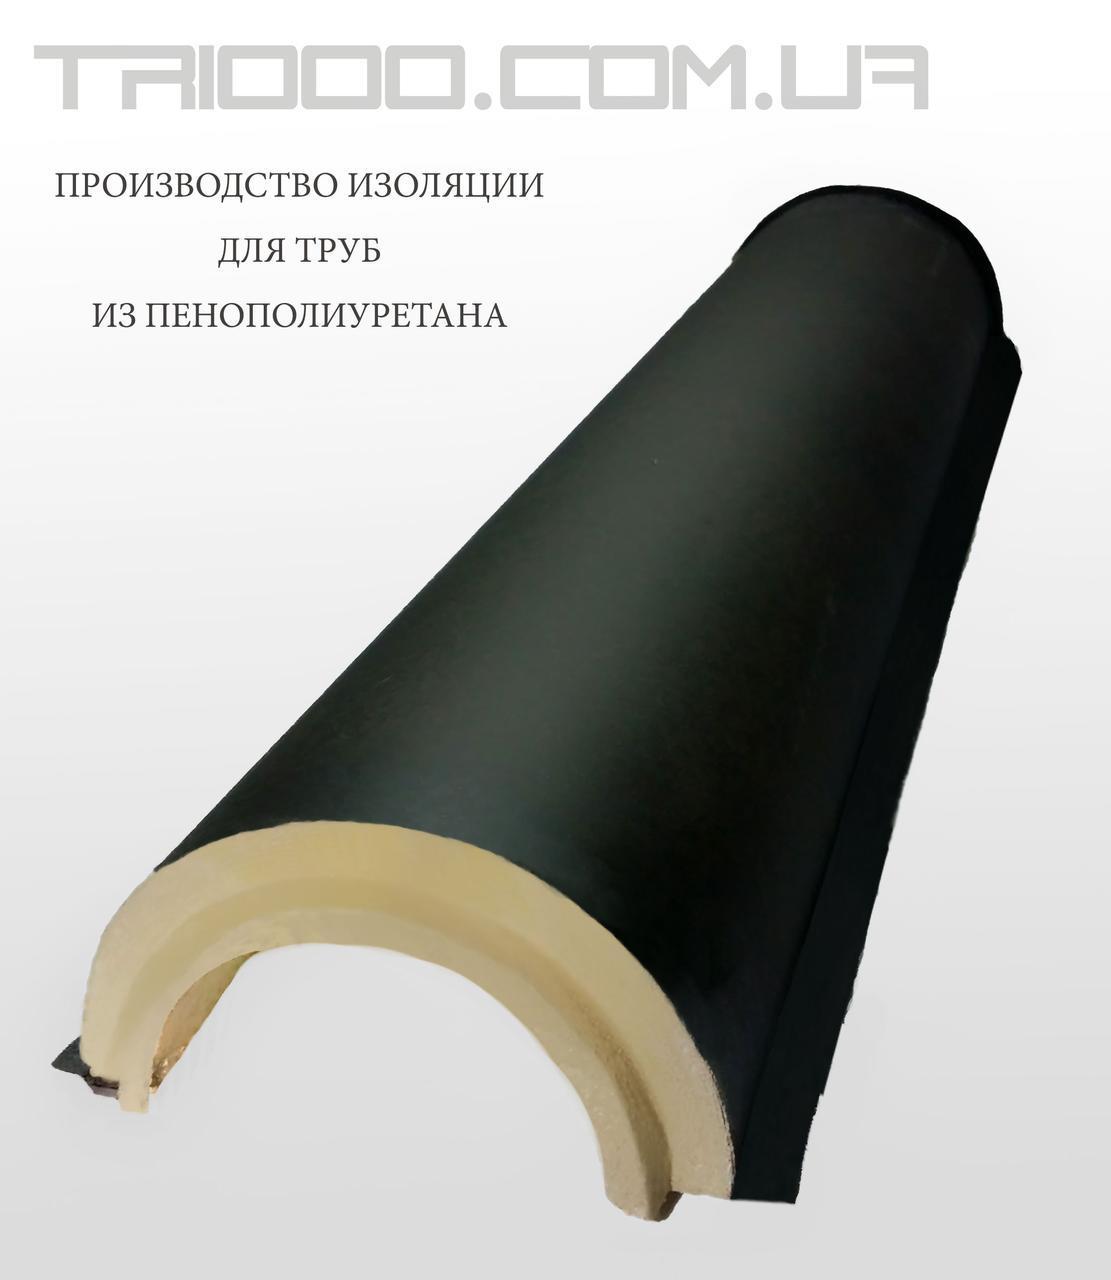 Сегменты теплоизоляционные для труб Ø 133/40 мм в покрытии из пергамина